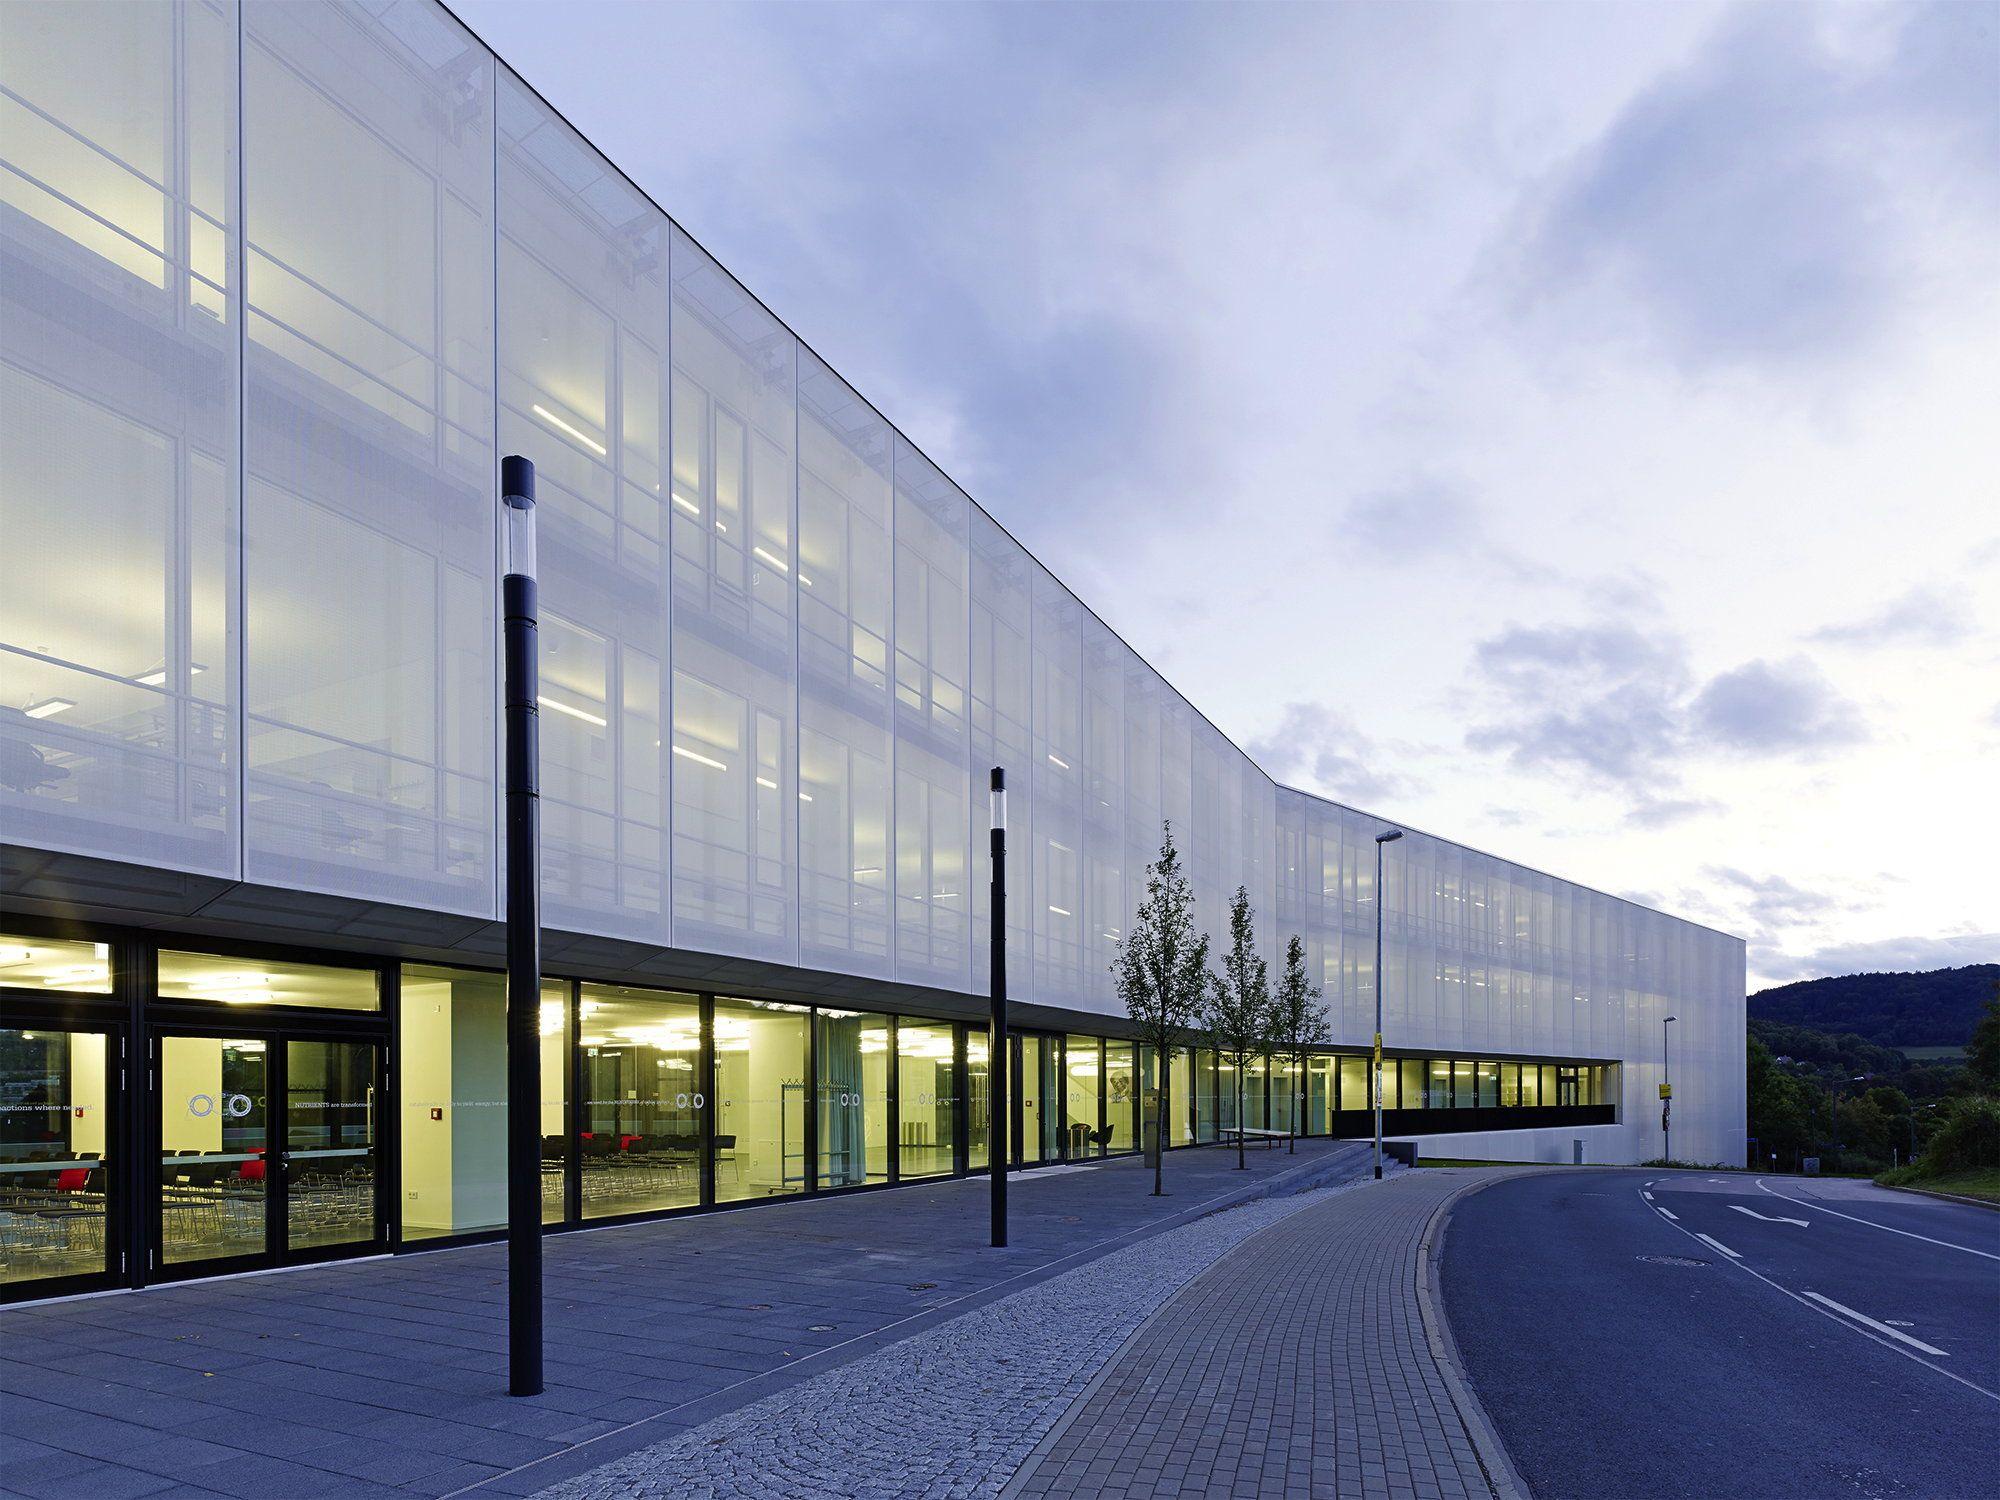 Architekten Jena ungewohnt aufgeräumt institut in jena facades architecture and